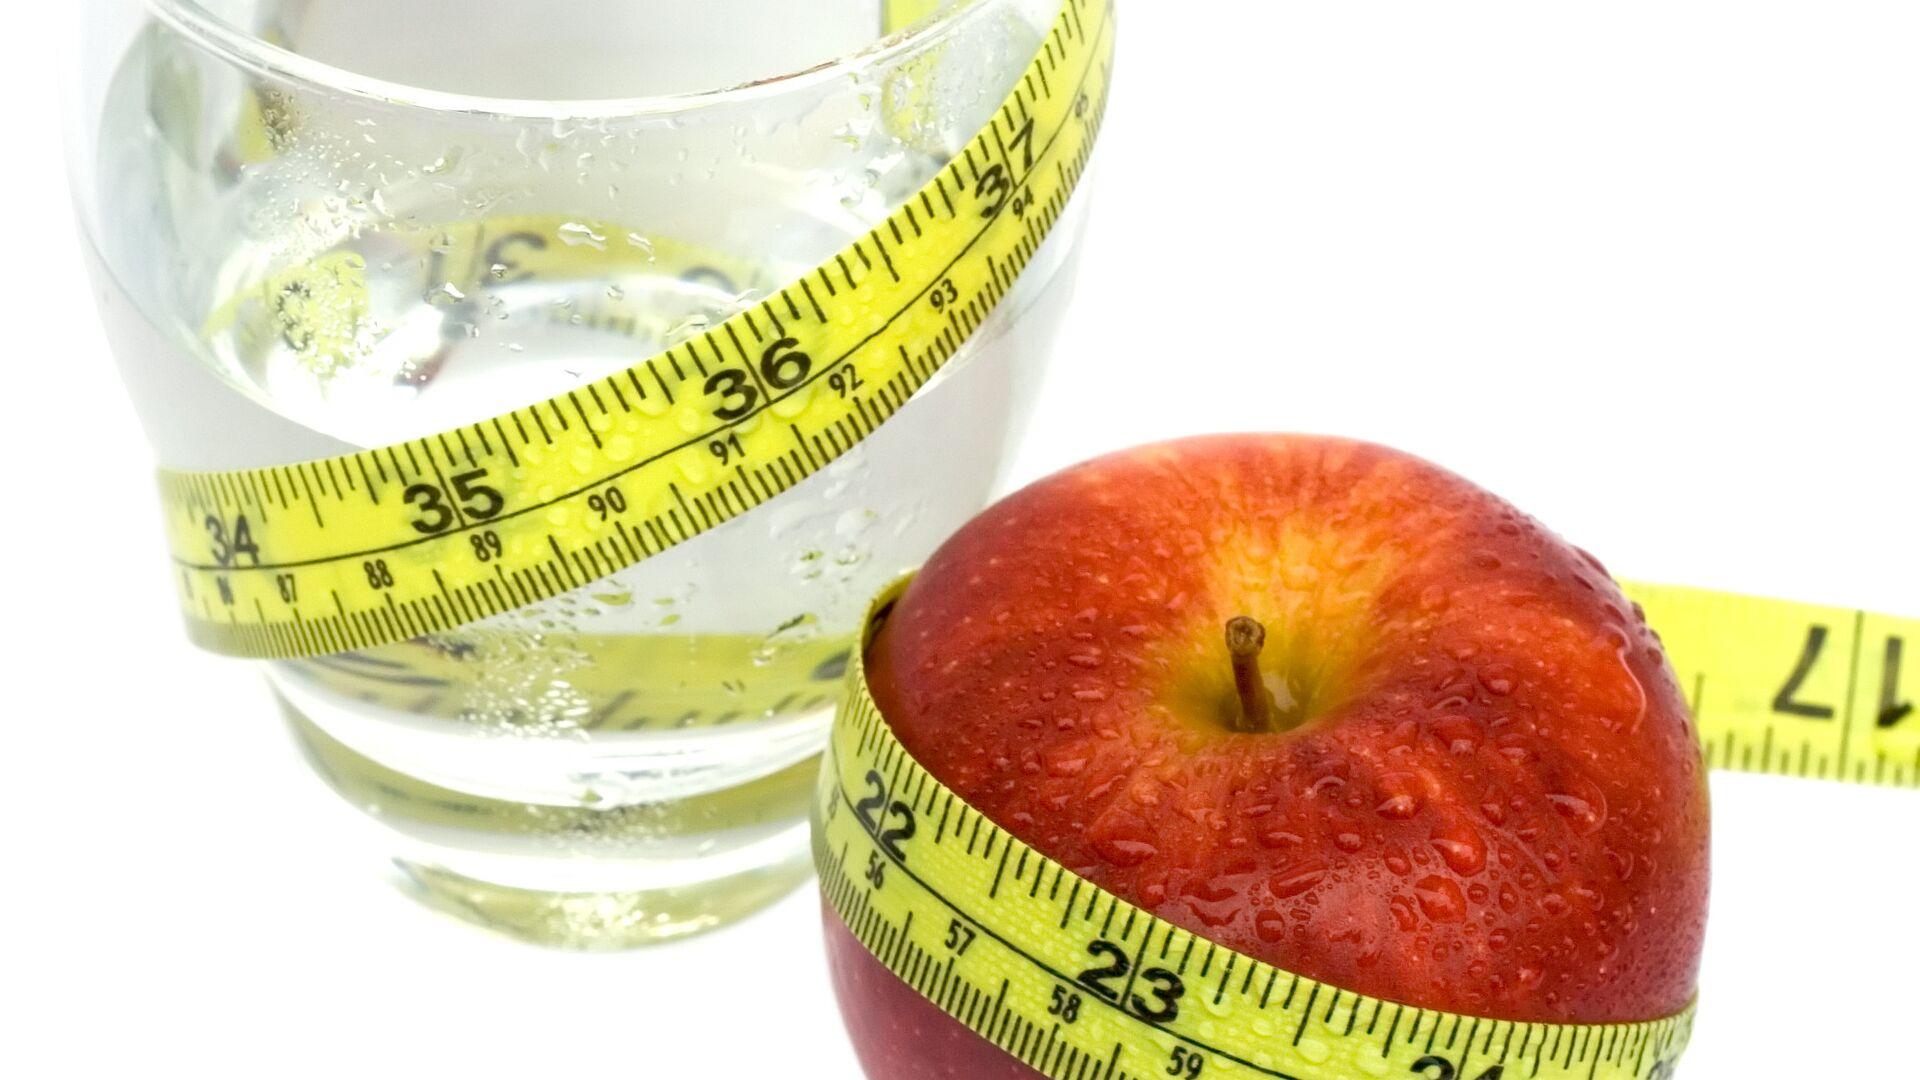 Как ускорить обмен веществ: диетолог перечислила лучшие продукты и методы